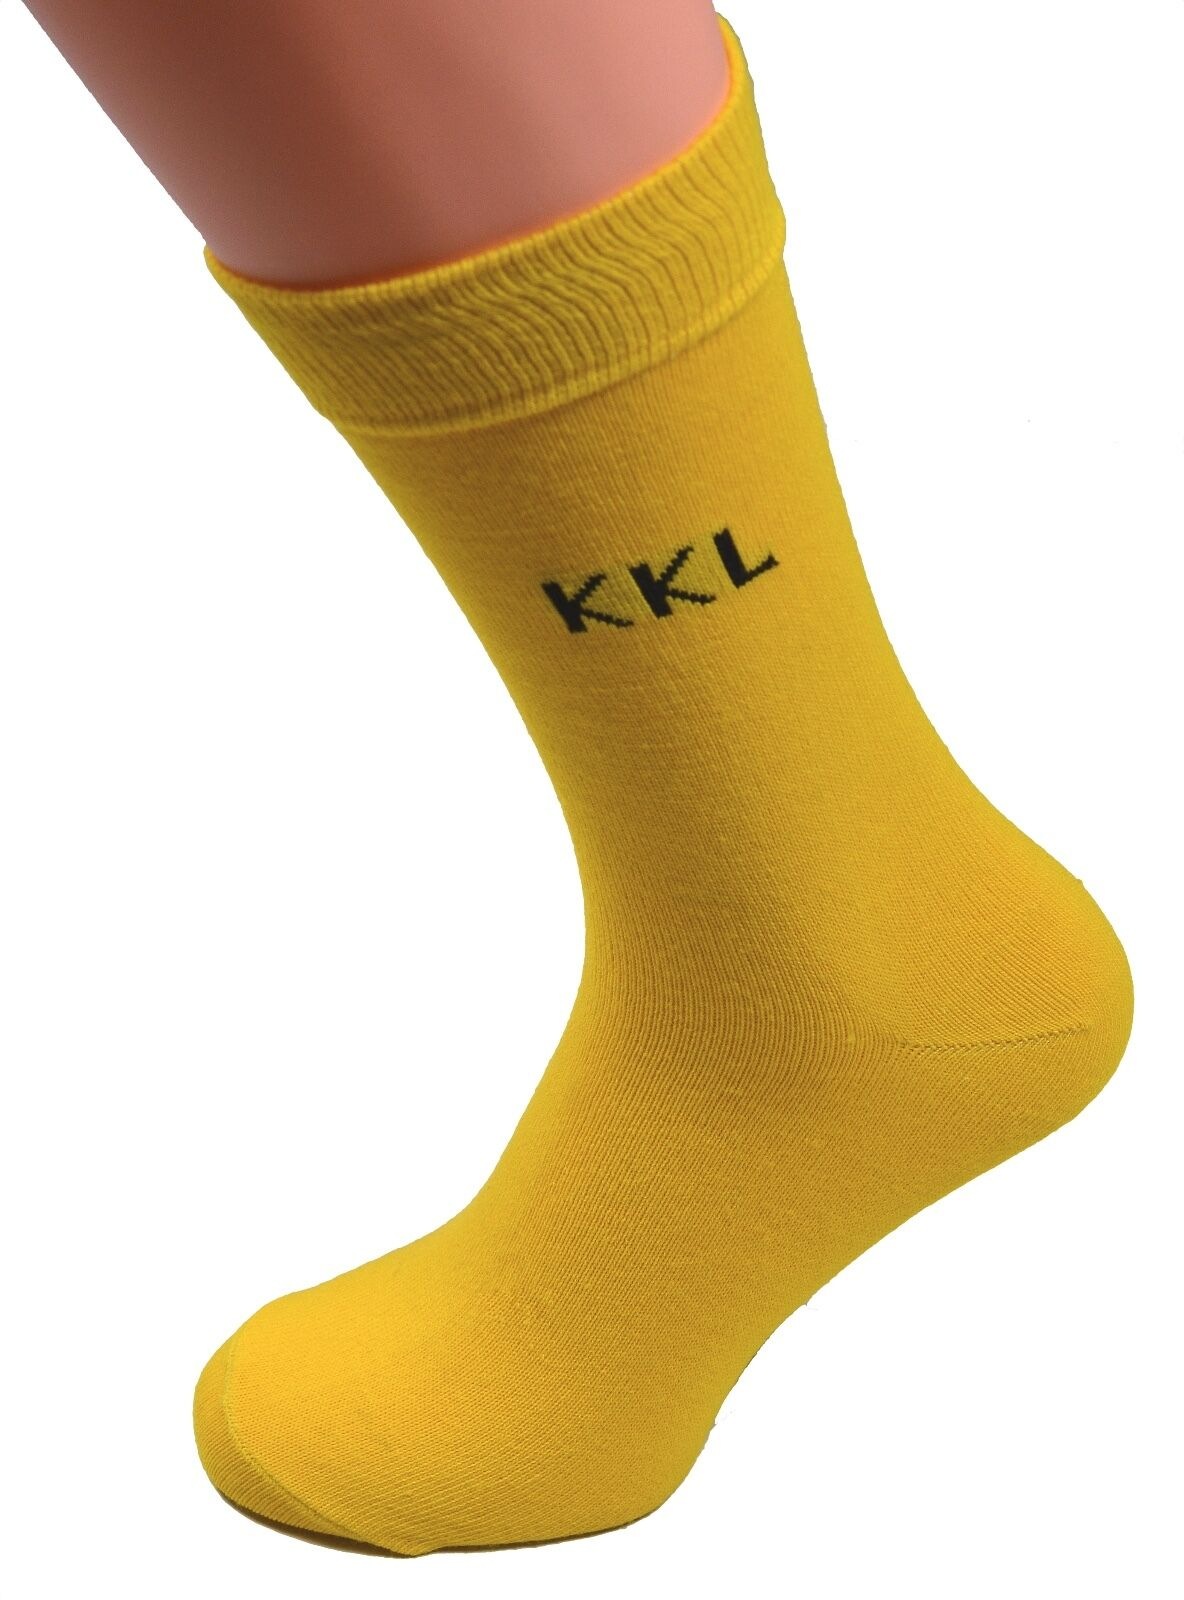 Negocios Calcetines de trabajo Traje con sin einwebung KKL yellow size 43 46